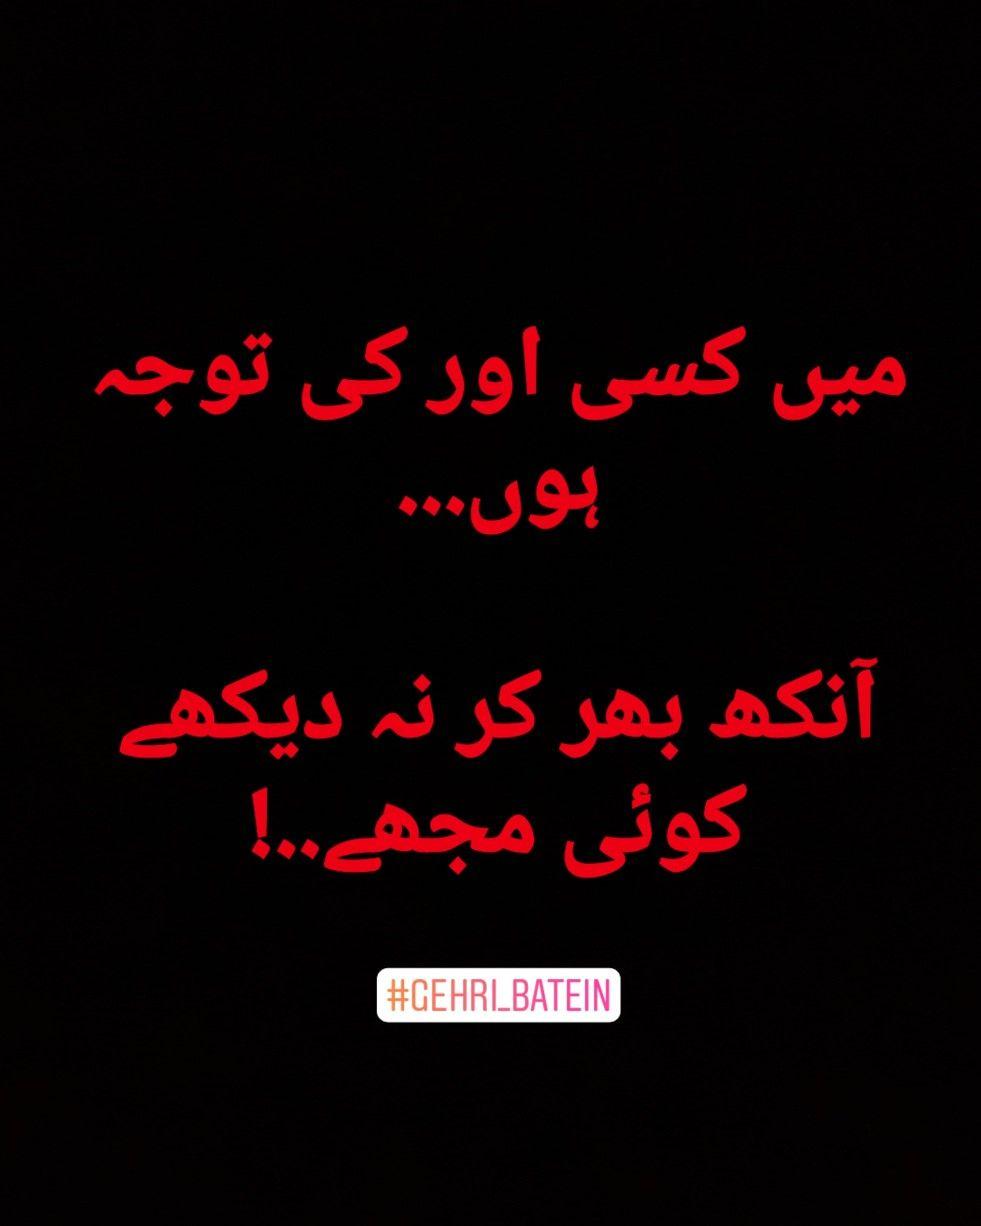 R B Urdu Thoughts Breakup Quotes Poetry Feelings